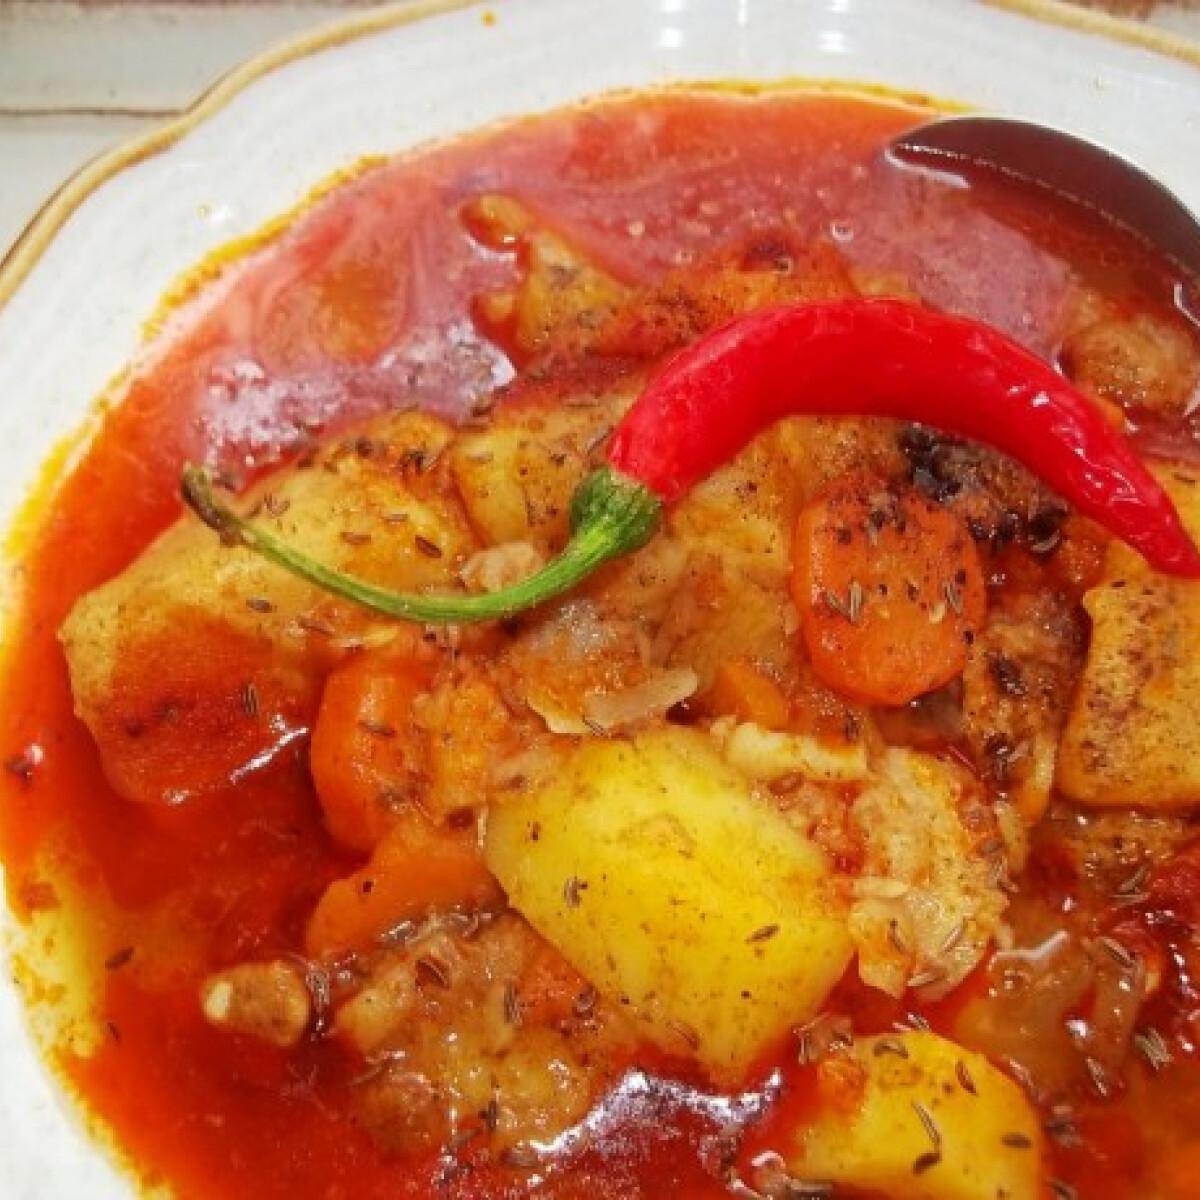 Vörösboros gulyásleves marhahúsból sok chilivel, tejfölösen